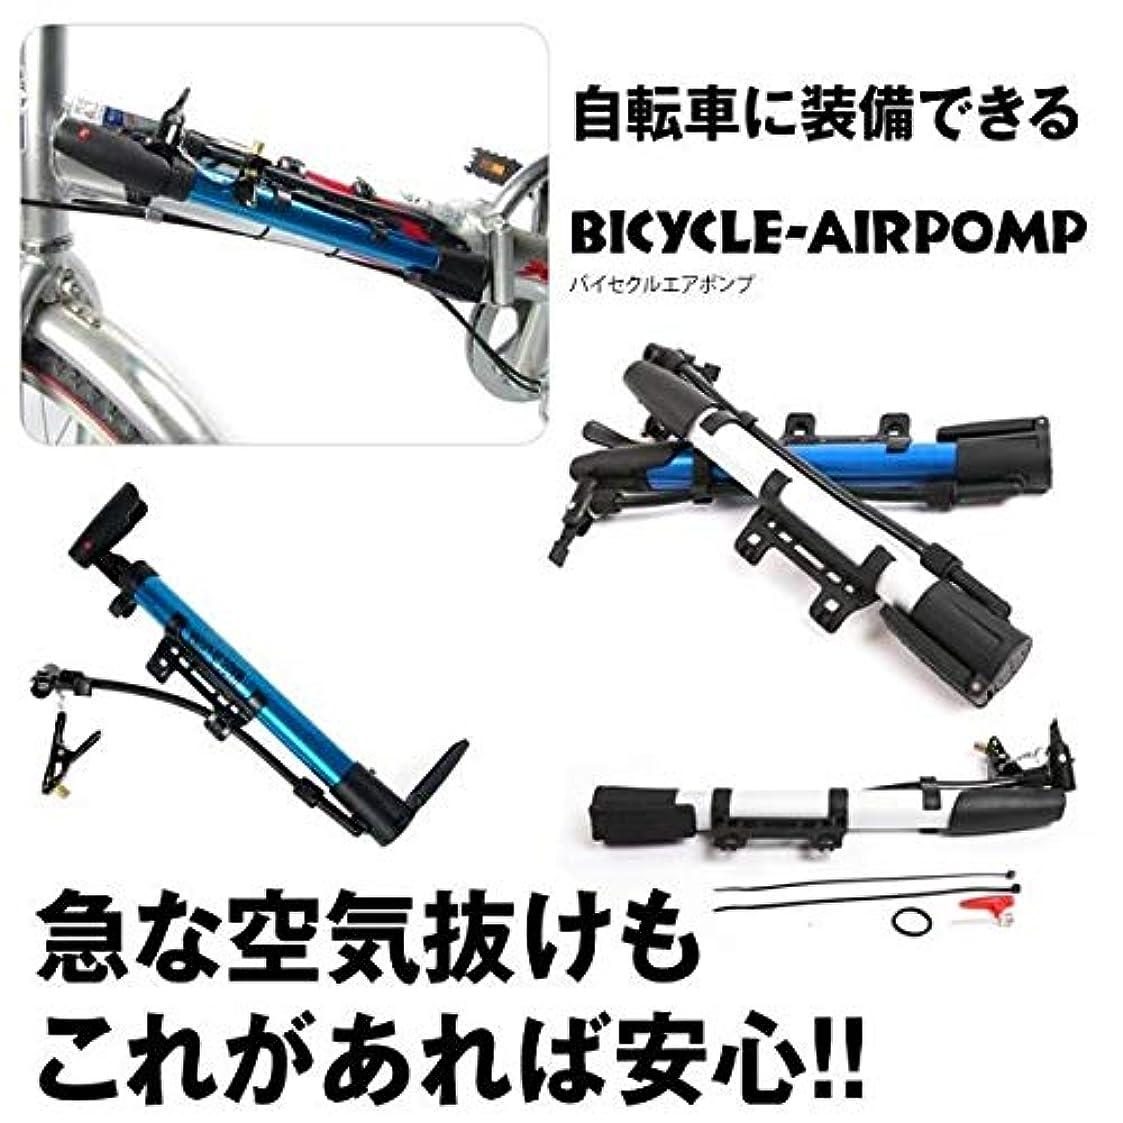 周辺化粧パワーセル自転車 空気つぎ エアーポンプ マウンテン バイク チャリ 便利 グッズ パンク 空気入れ 装着 おしゃれ